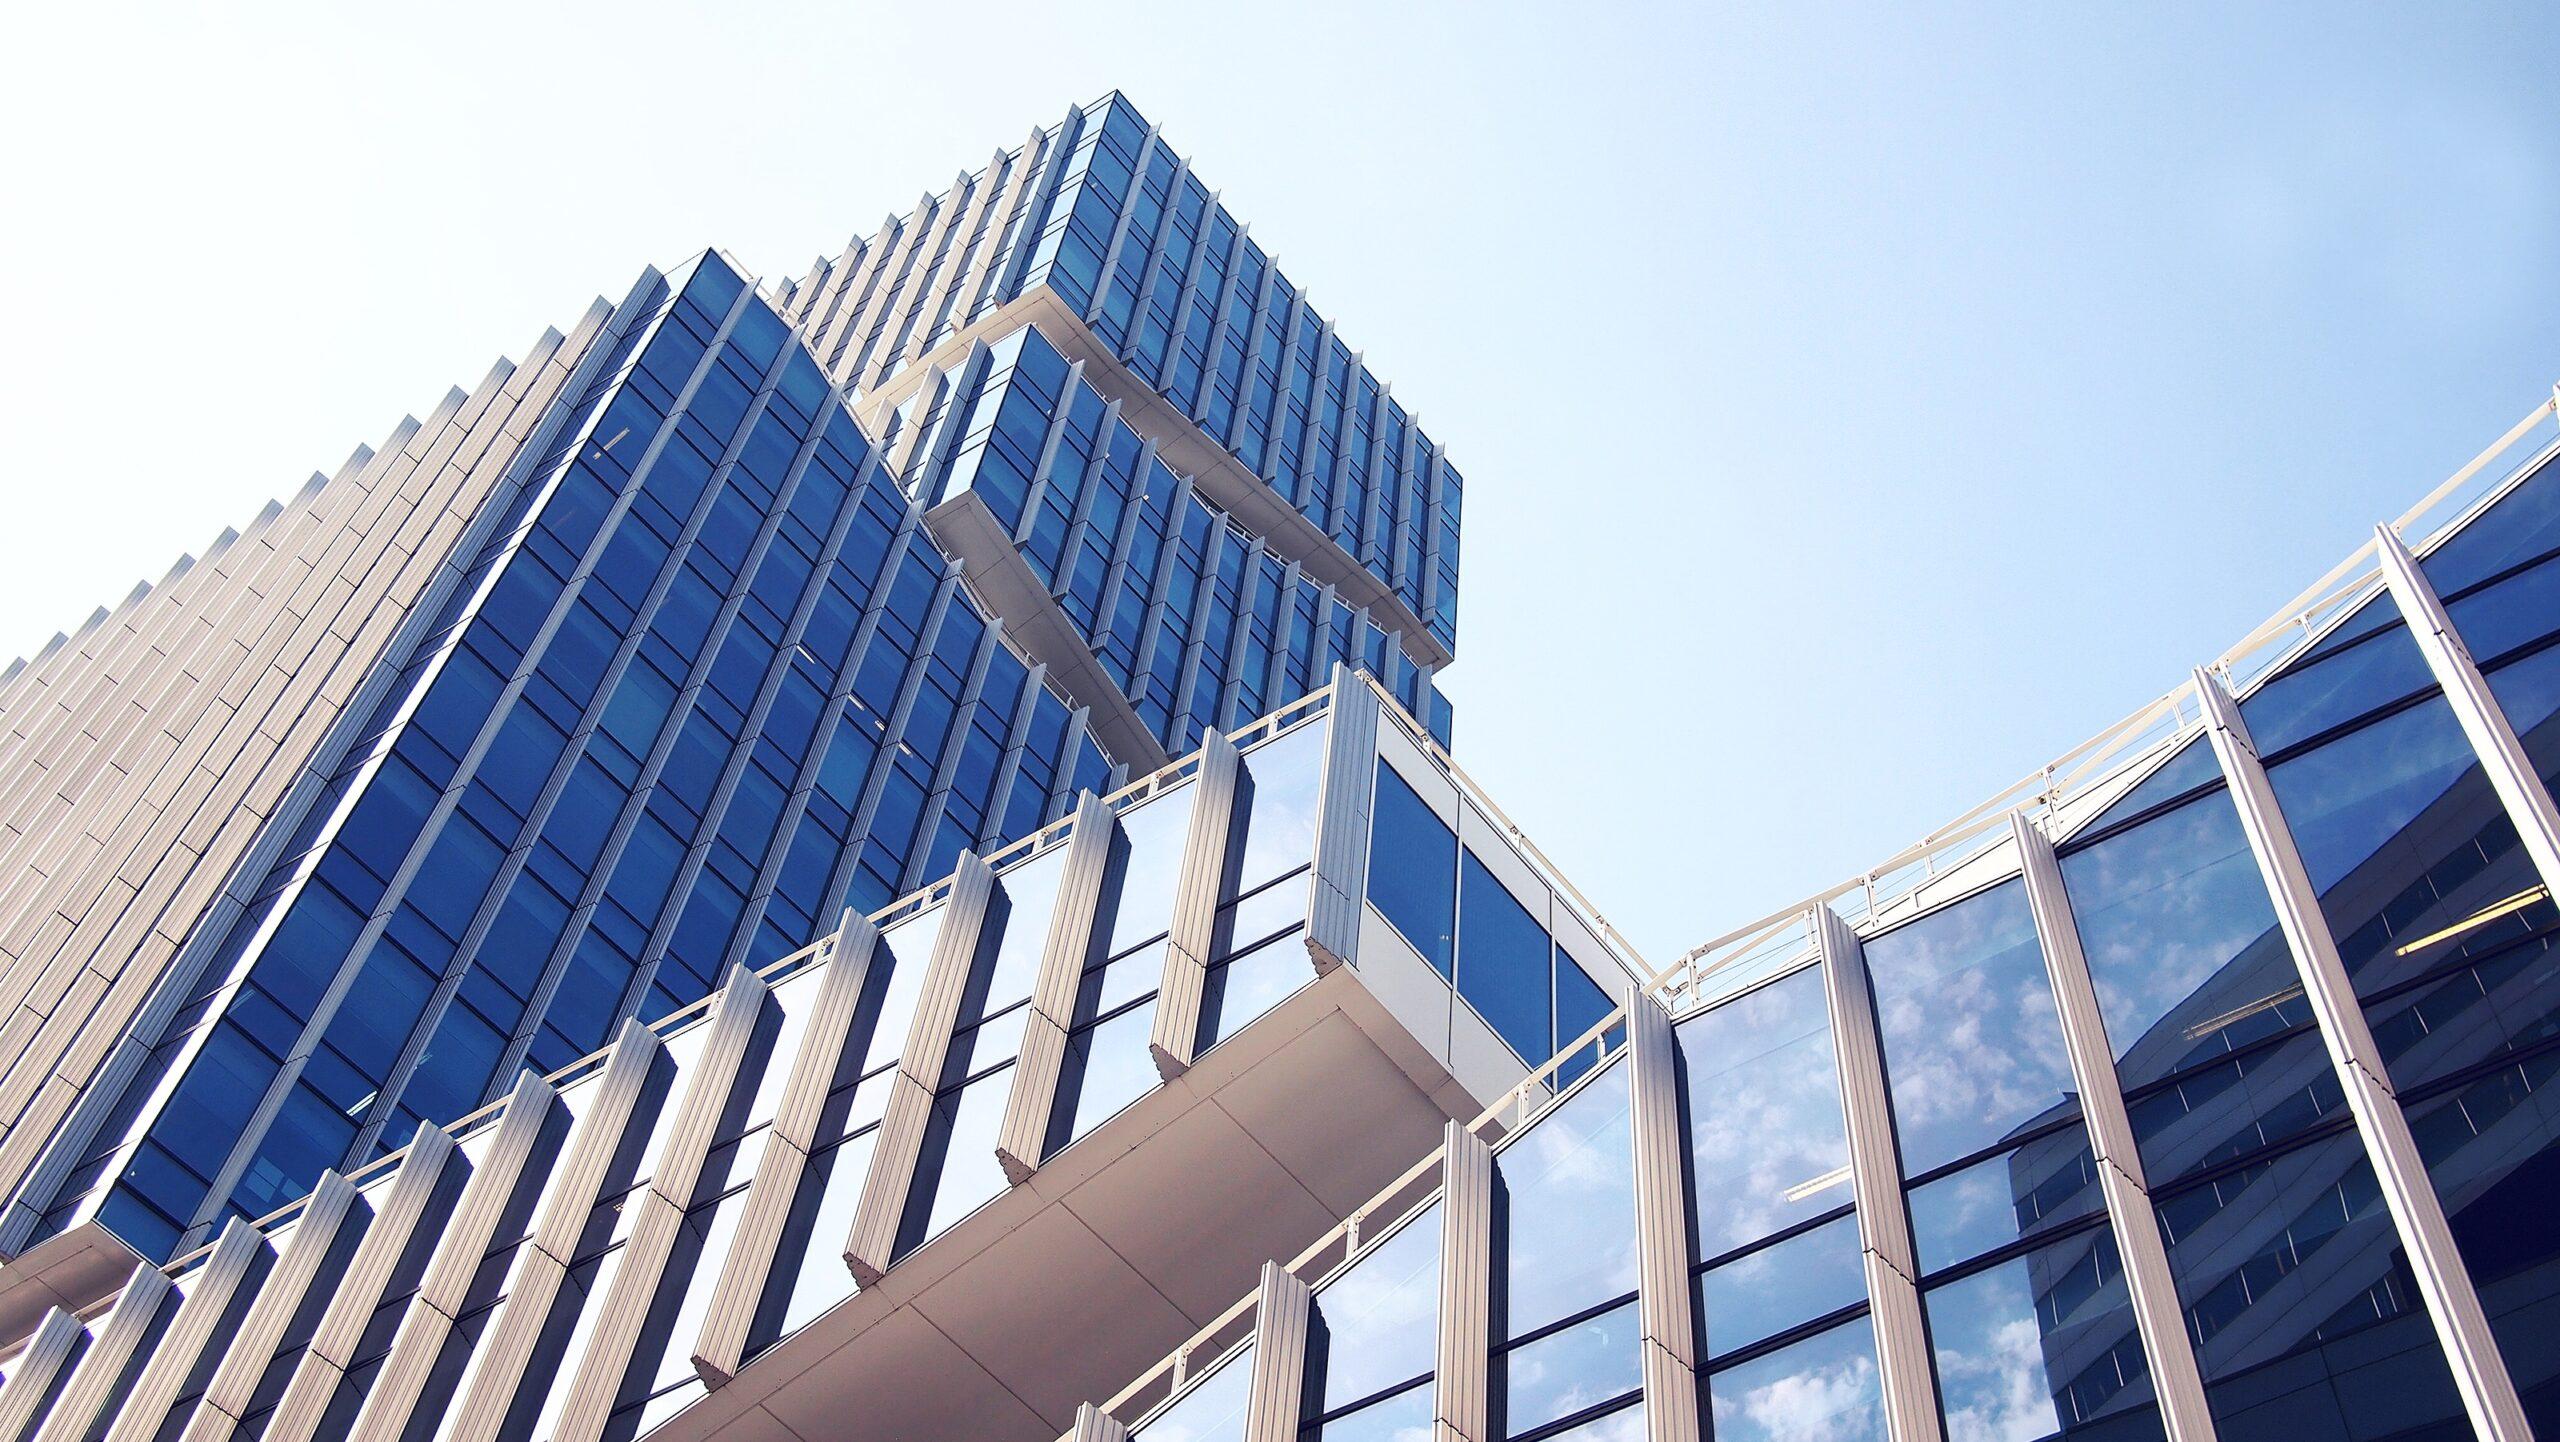 architecture-1448221